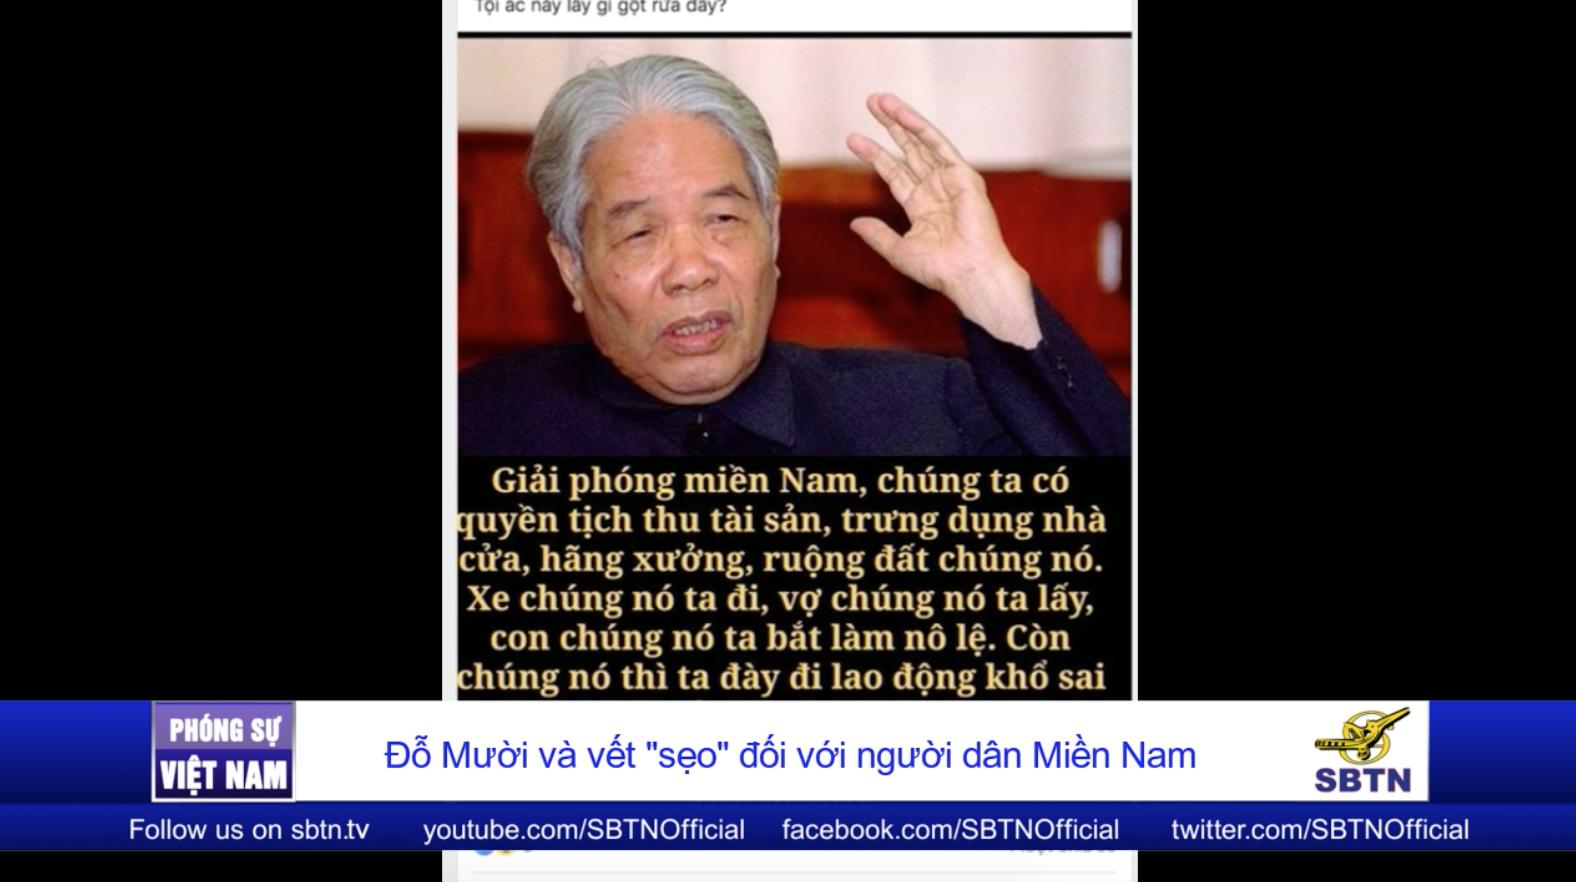 đỗ Mười Va Vết Sẹo đối Với Người Dan Miền Nam Việt Nam